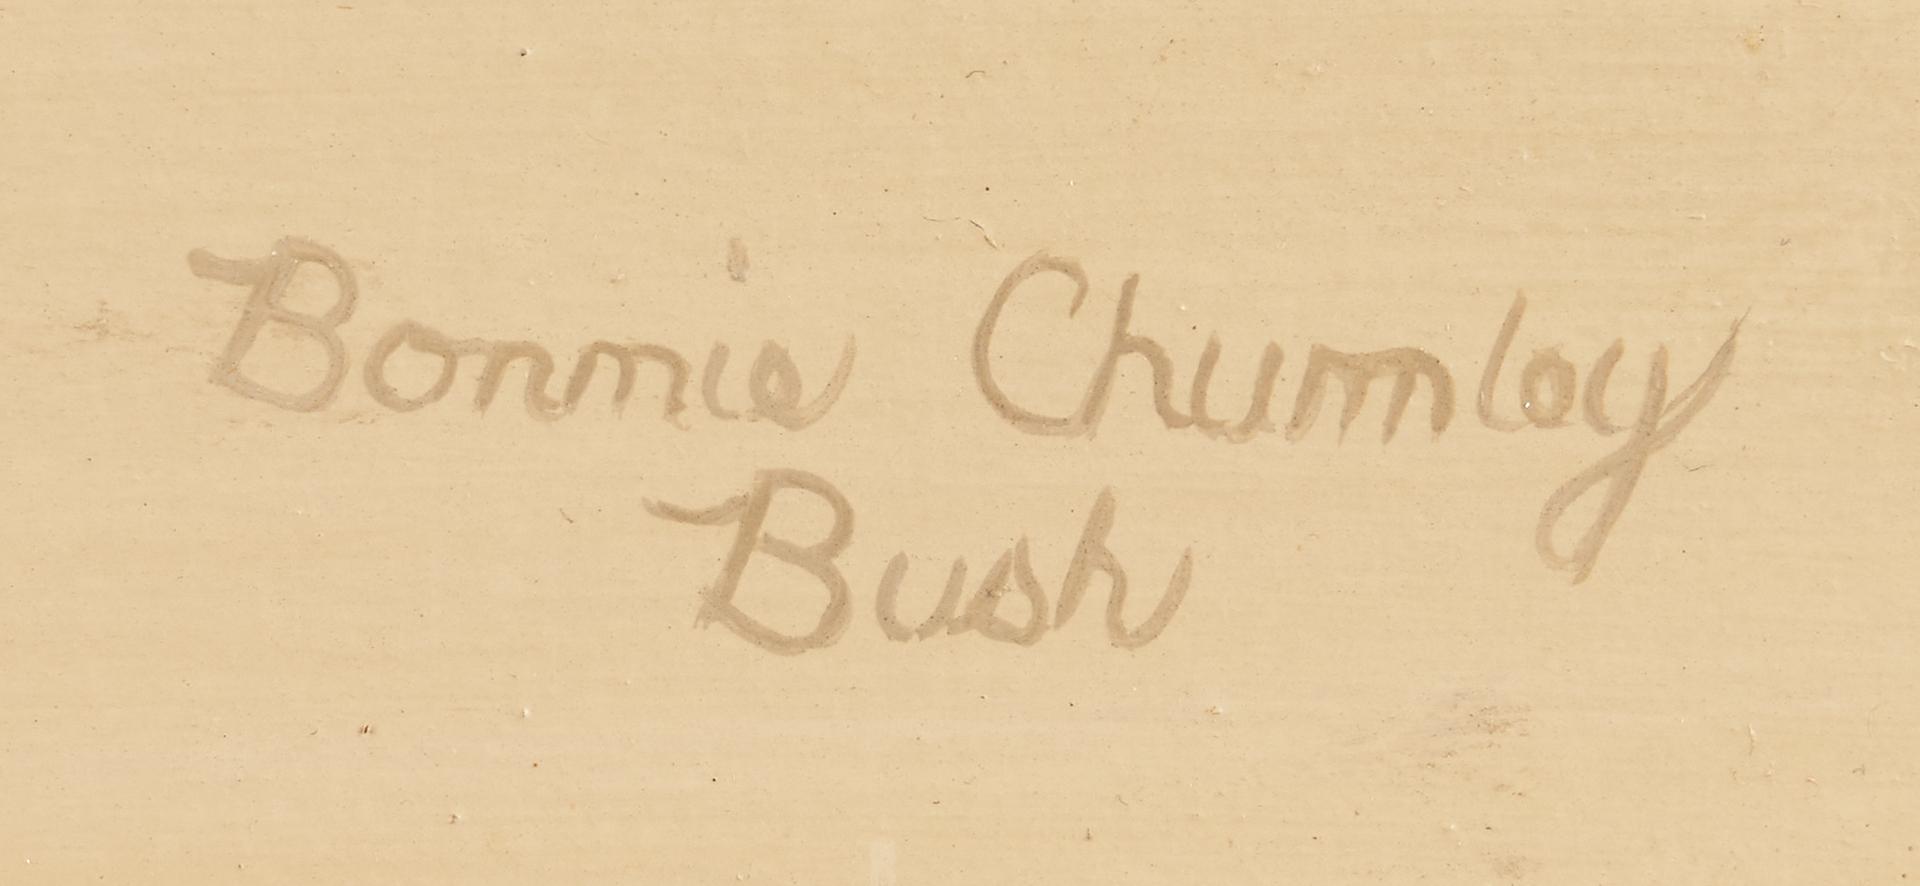 Lot 656: 2 Bonnie Chumley Art Works